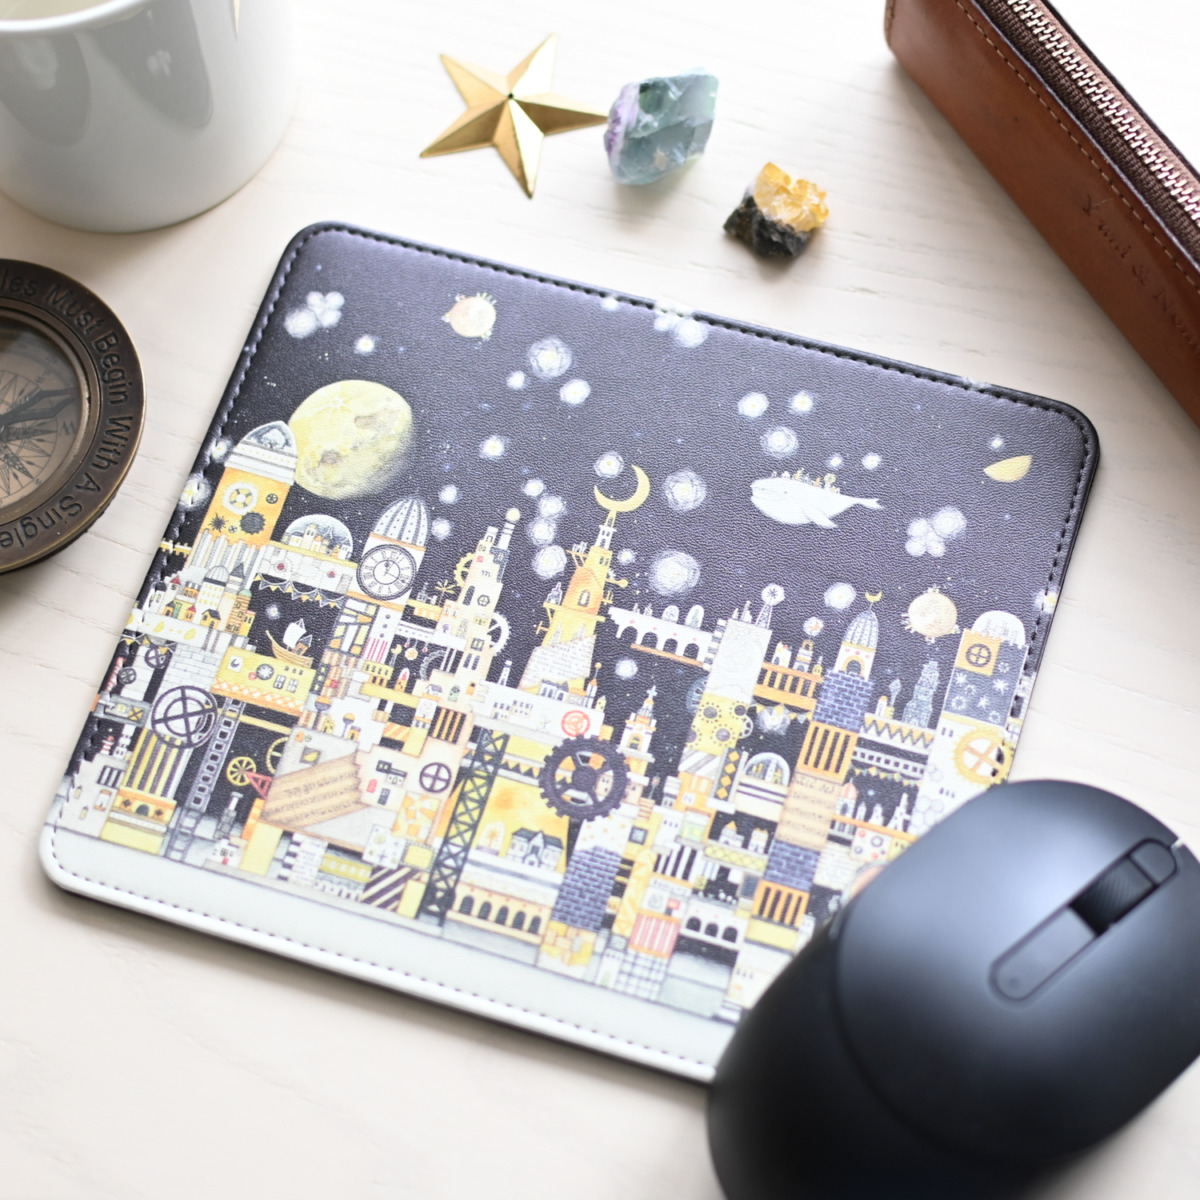 マルチパッド「月の文明」マウスパッド